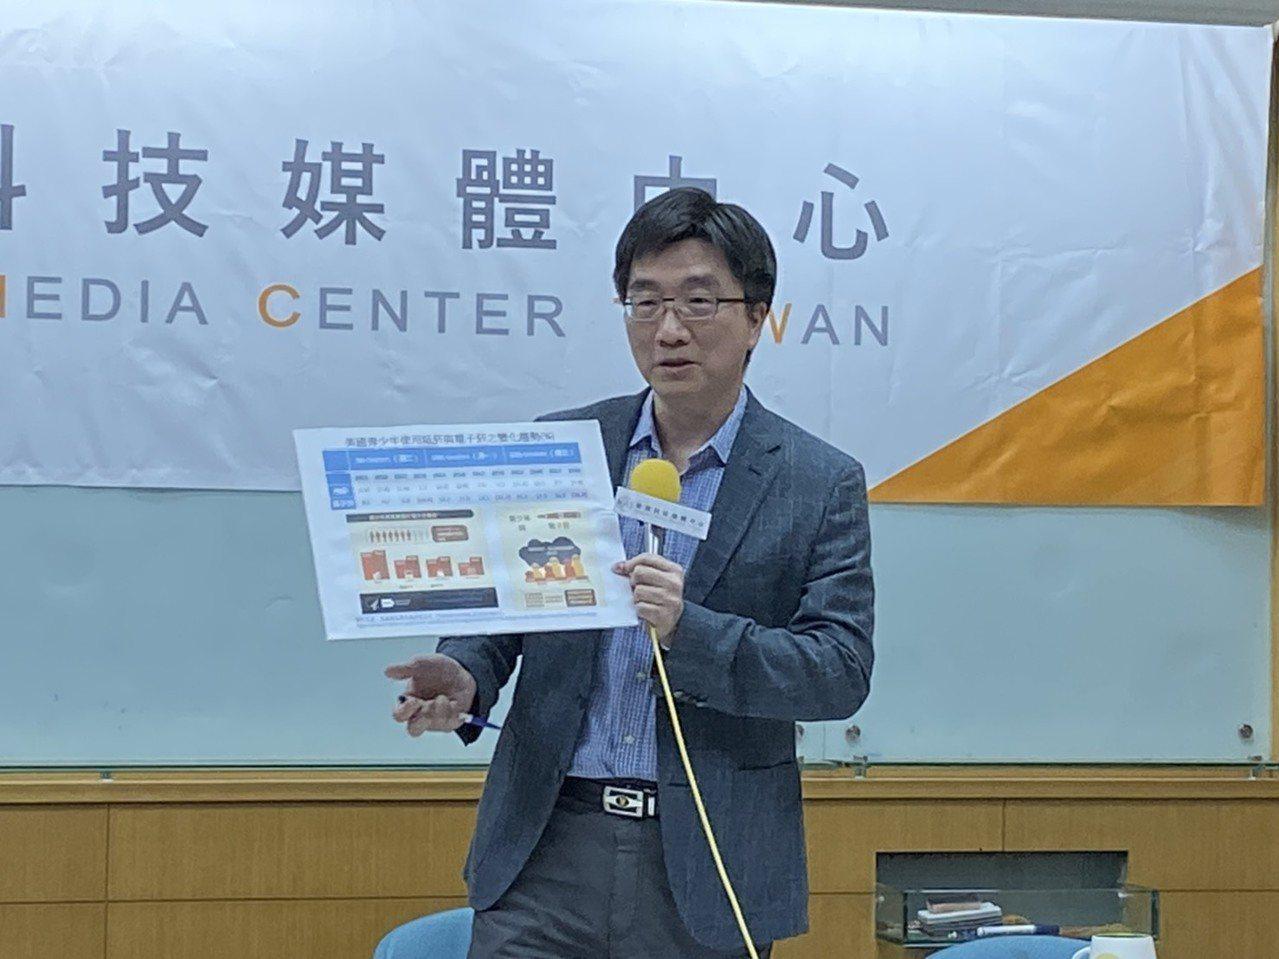 台北榮總家醫科醫師賴志冠表示,以國外數據來看,電子煙發展後,紙菸的族群雖減少但有...